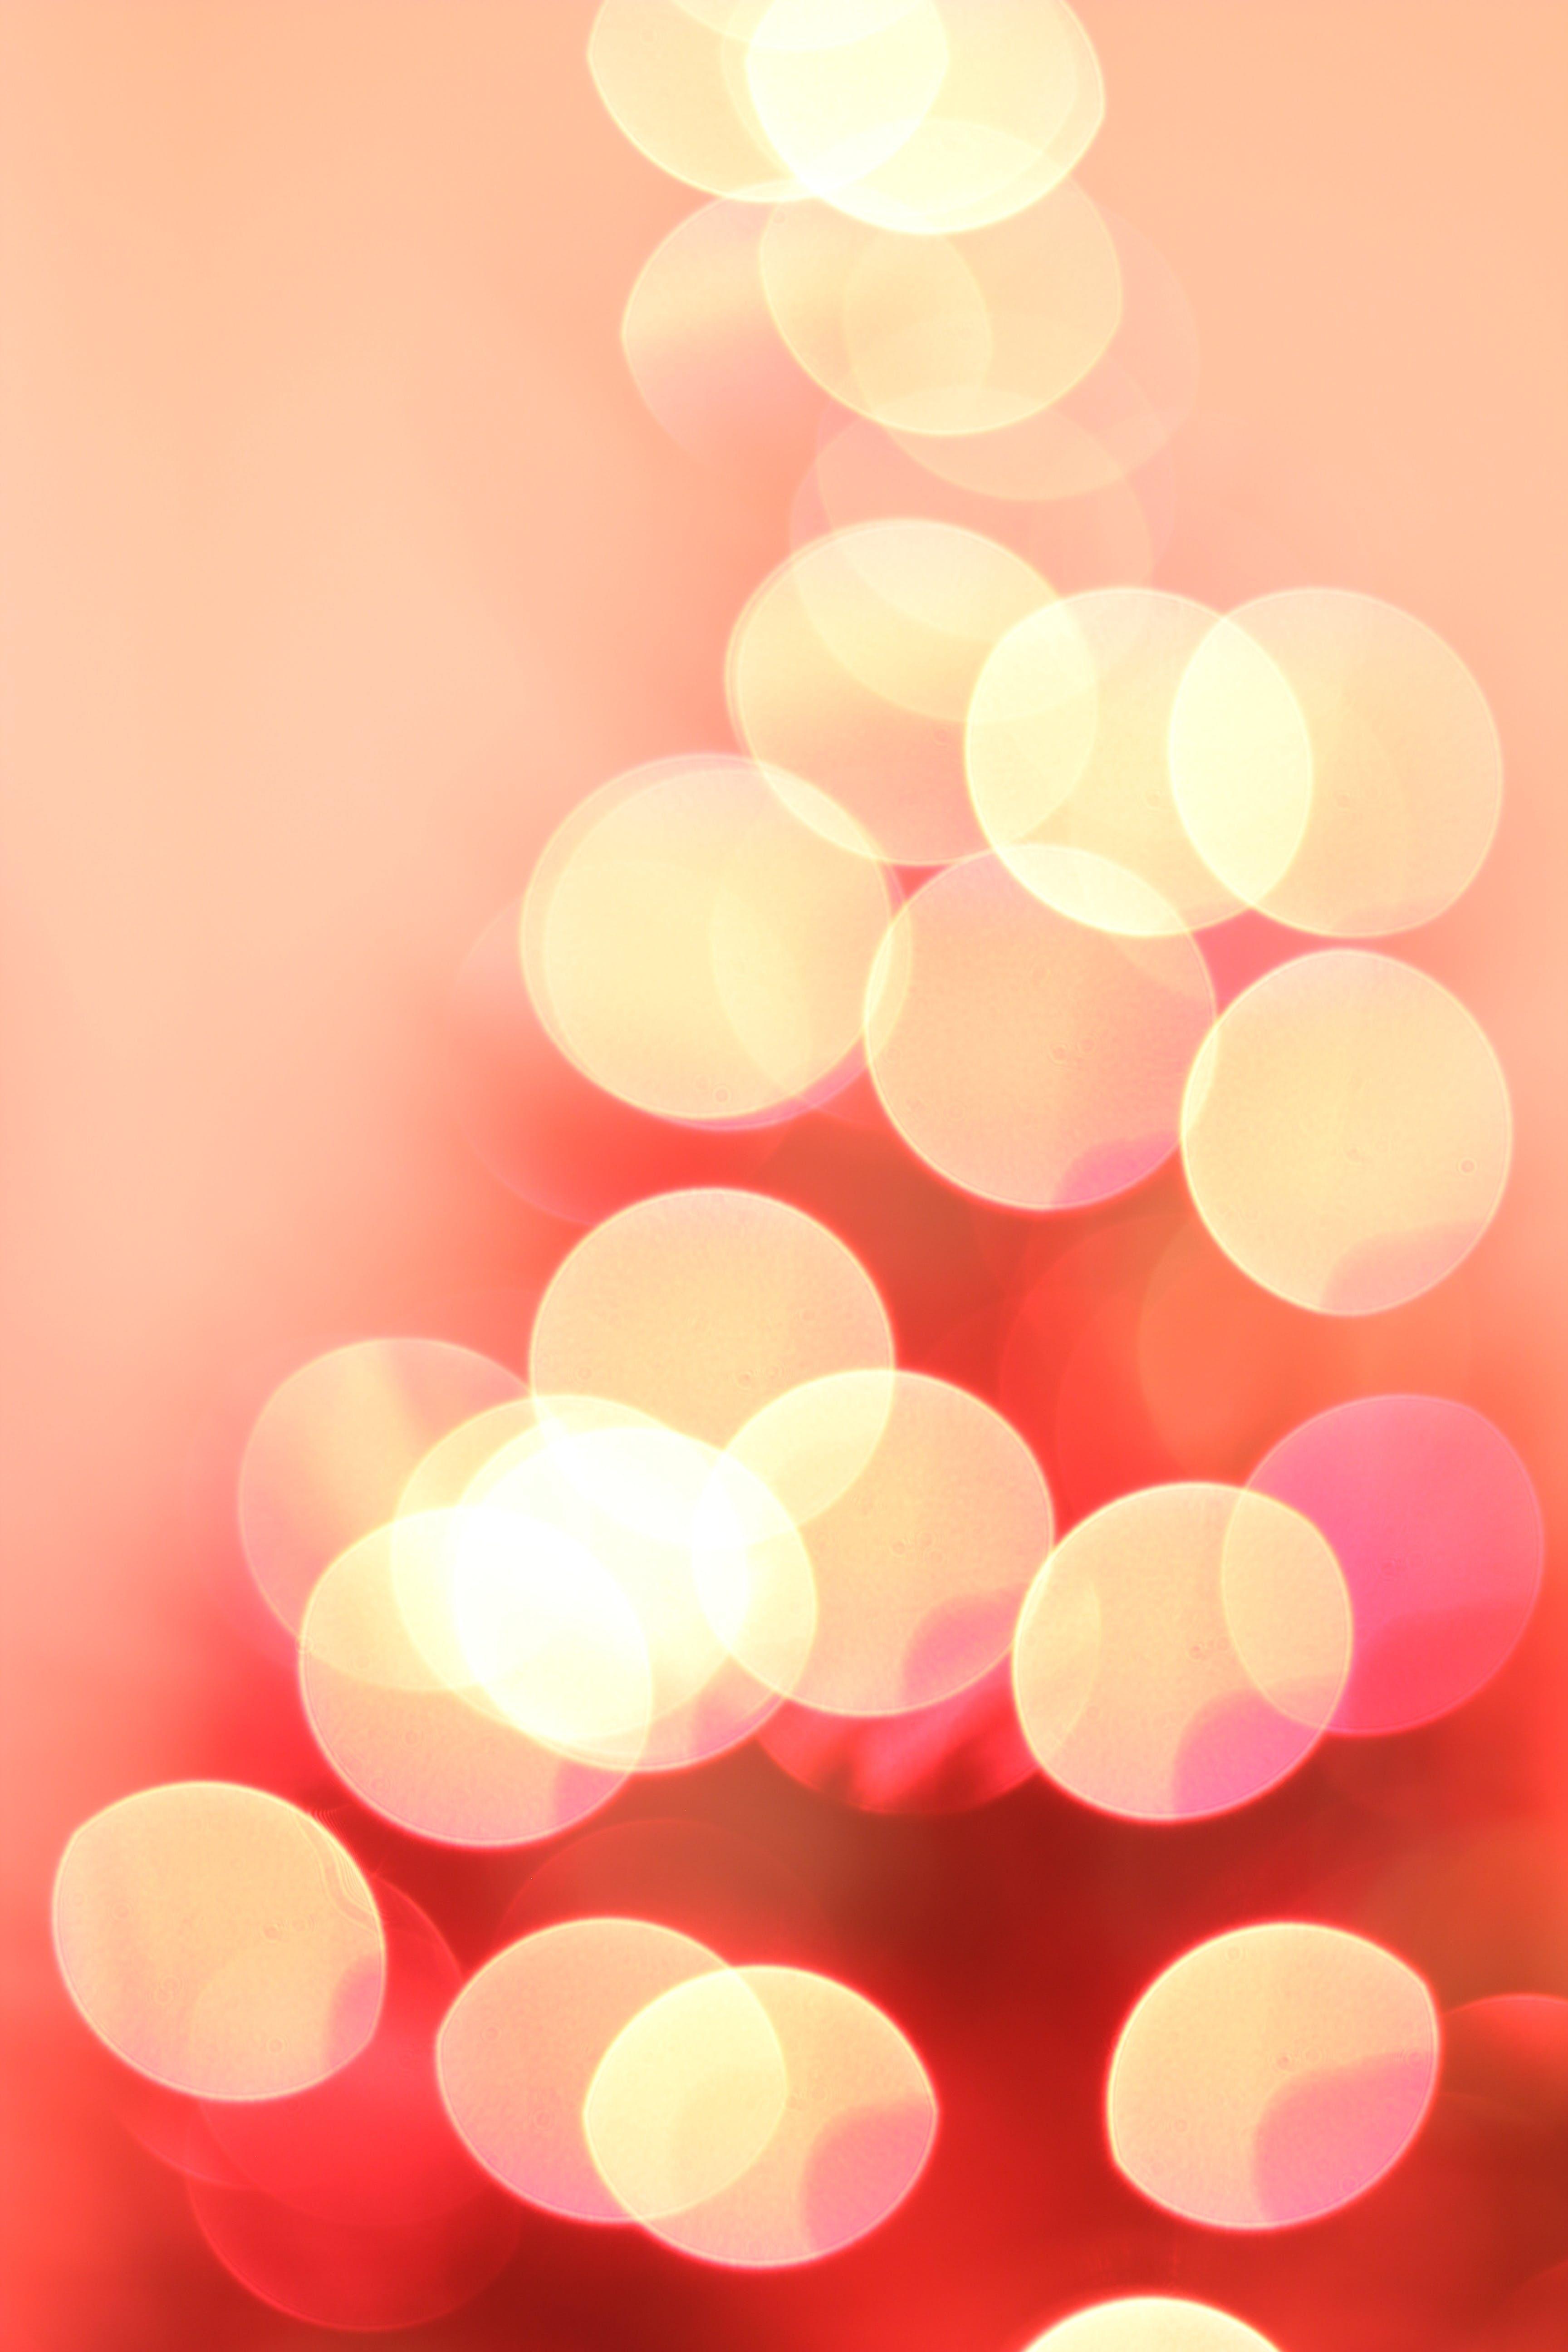 blur, bokeh, bright